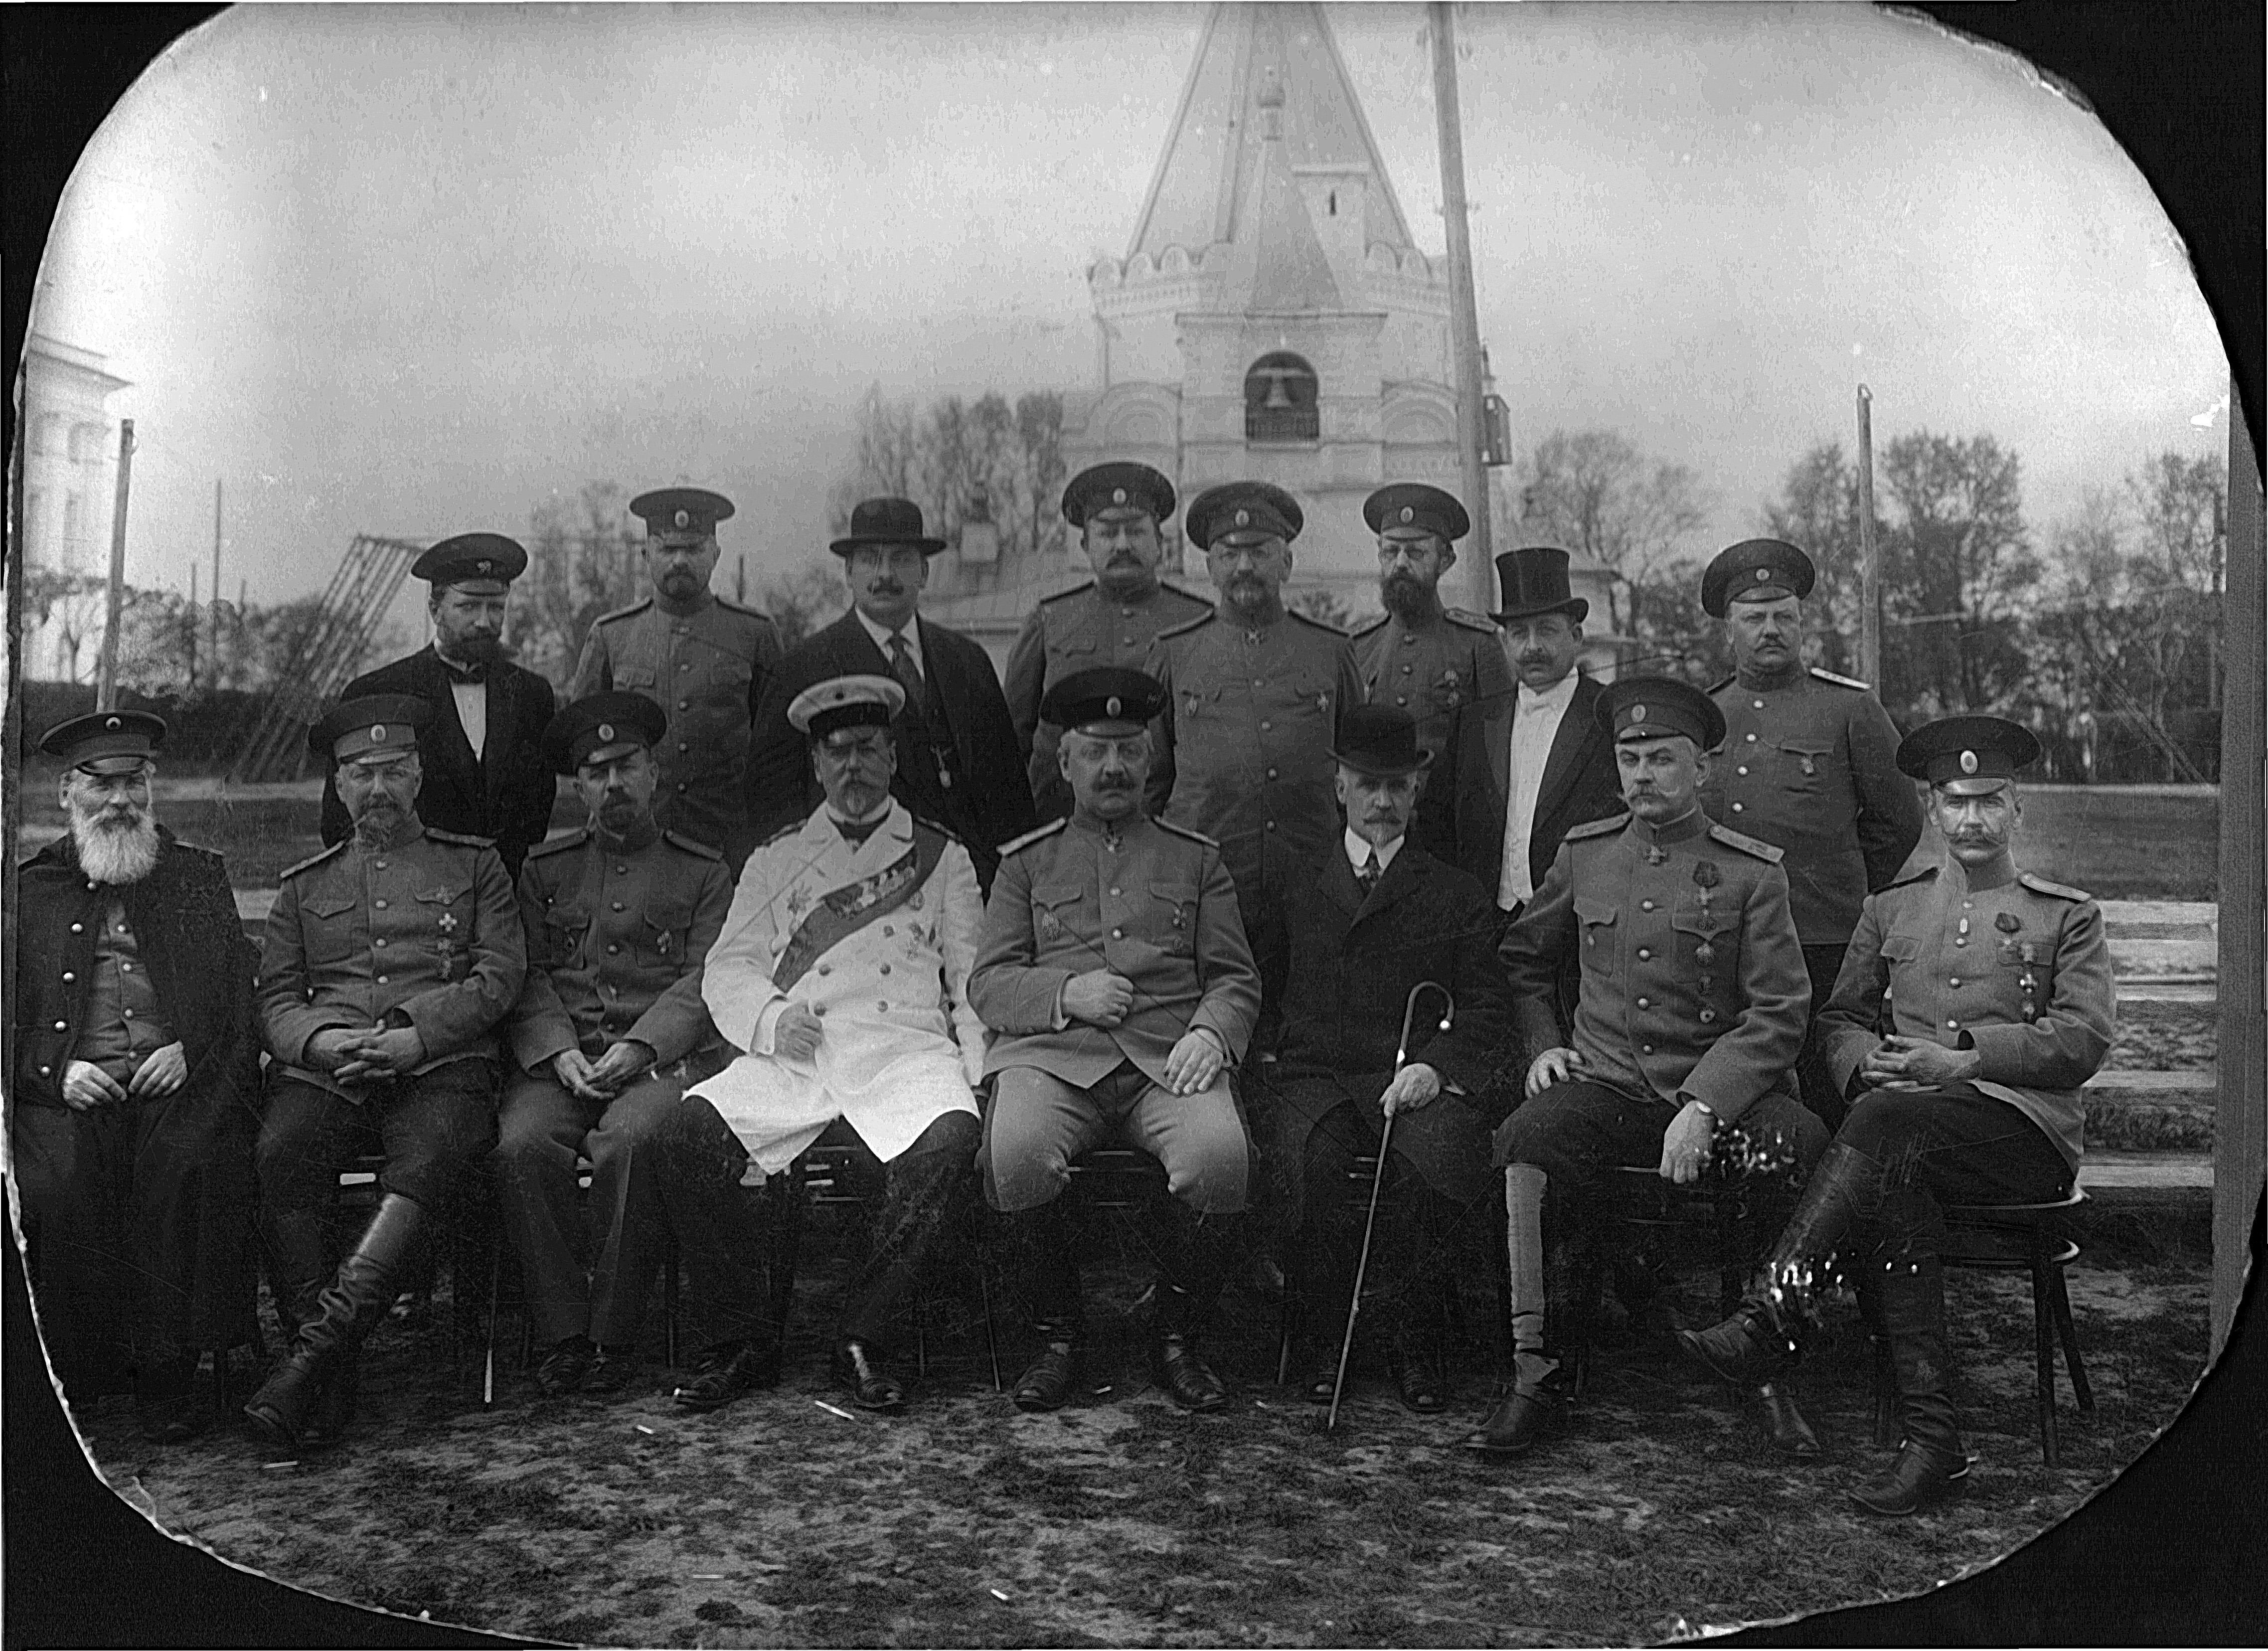 Групповой портрет военных и гражданских лиц на фоне церкви. 1910-е